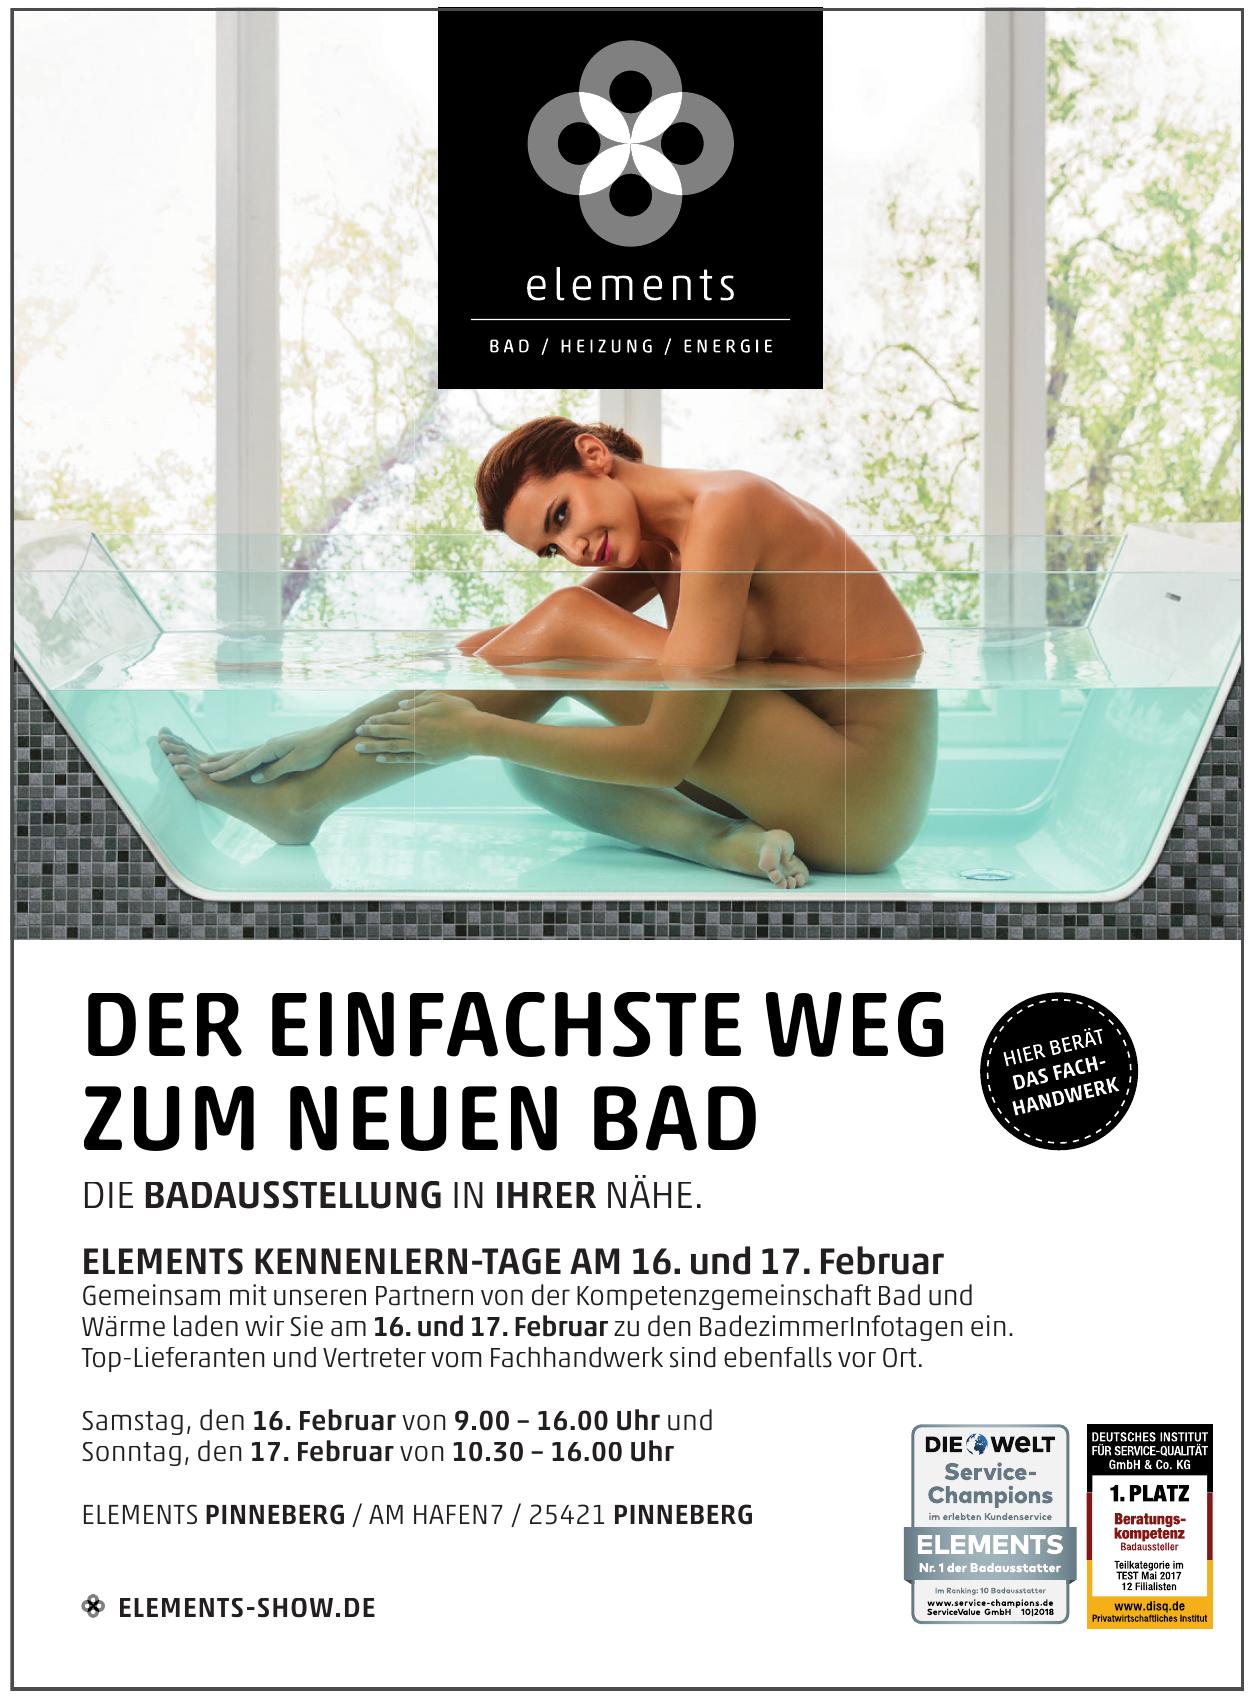 Elements Pinneberg